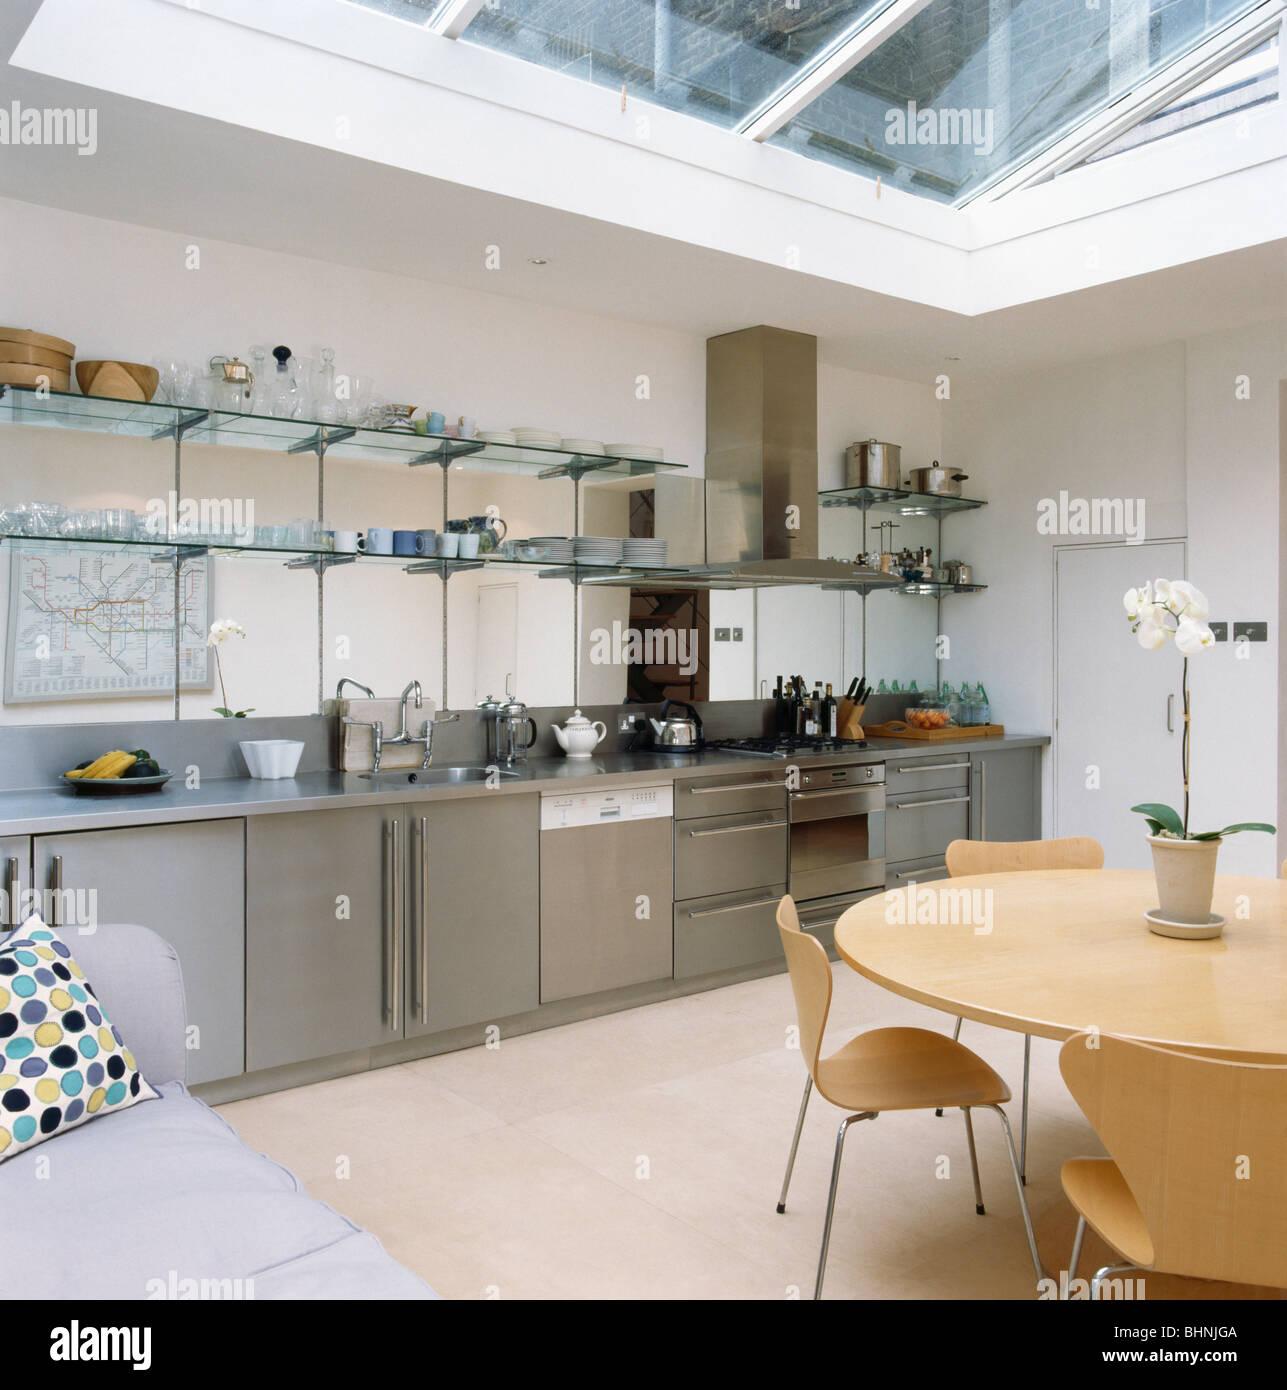 Glas Regal über Edelstahl-Einheiten in moderne Küche-Esszimmer